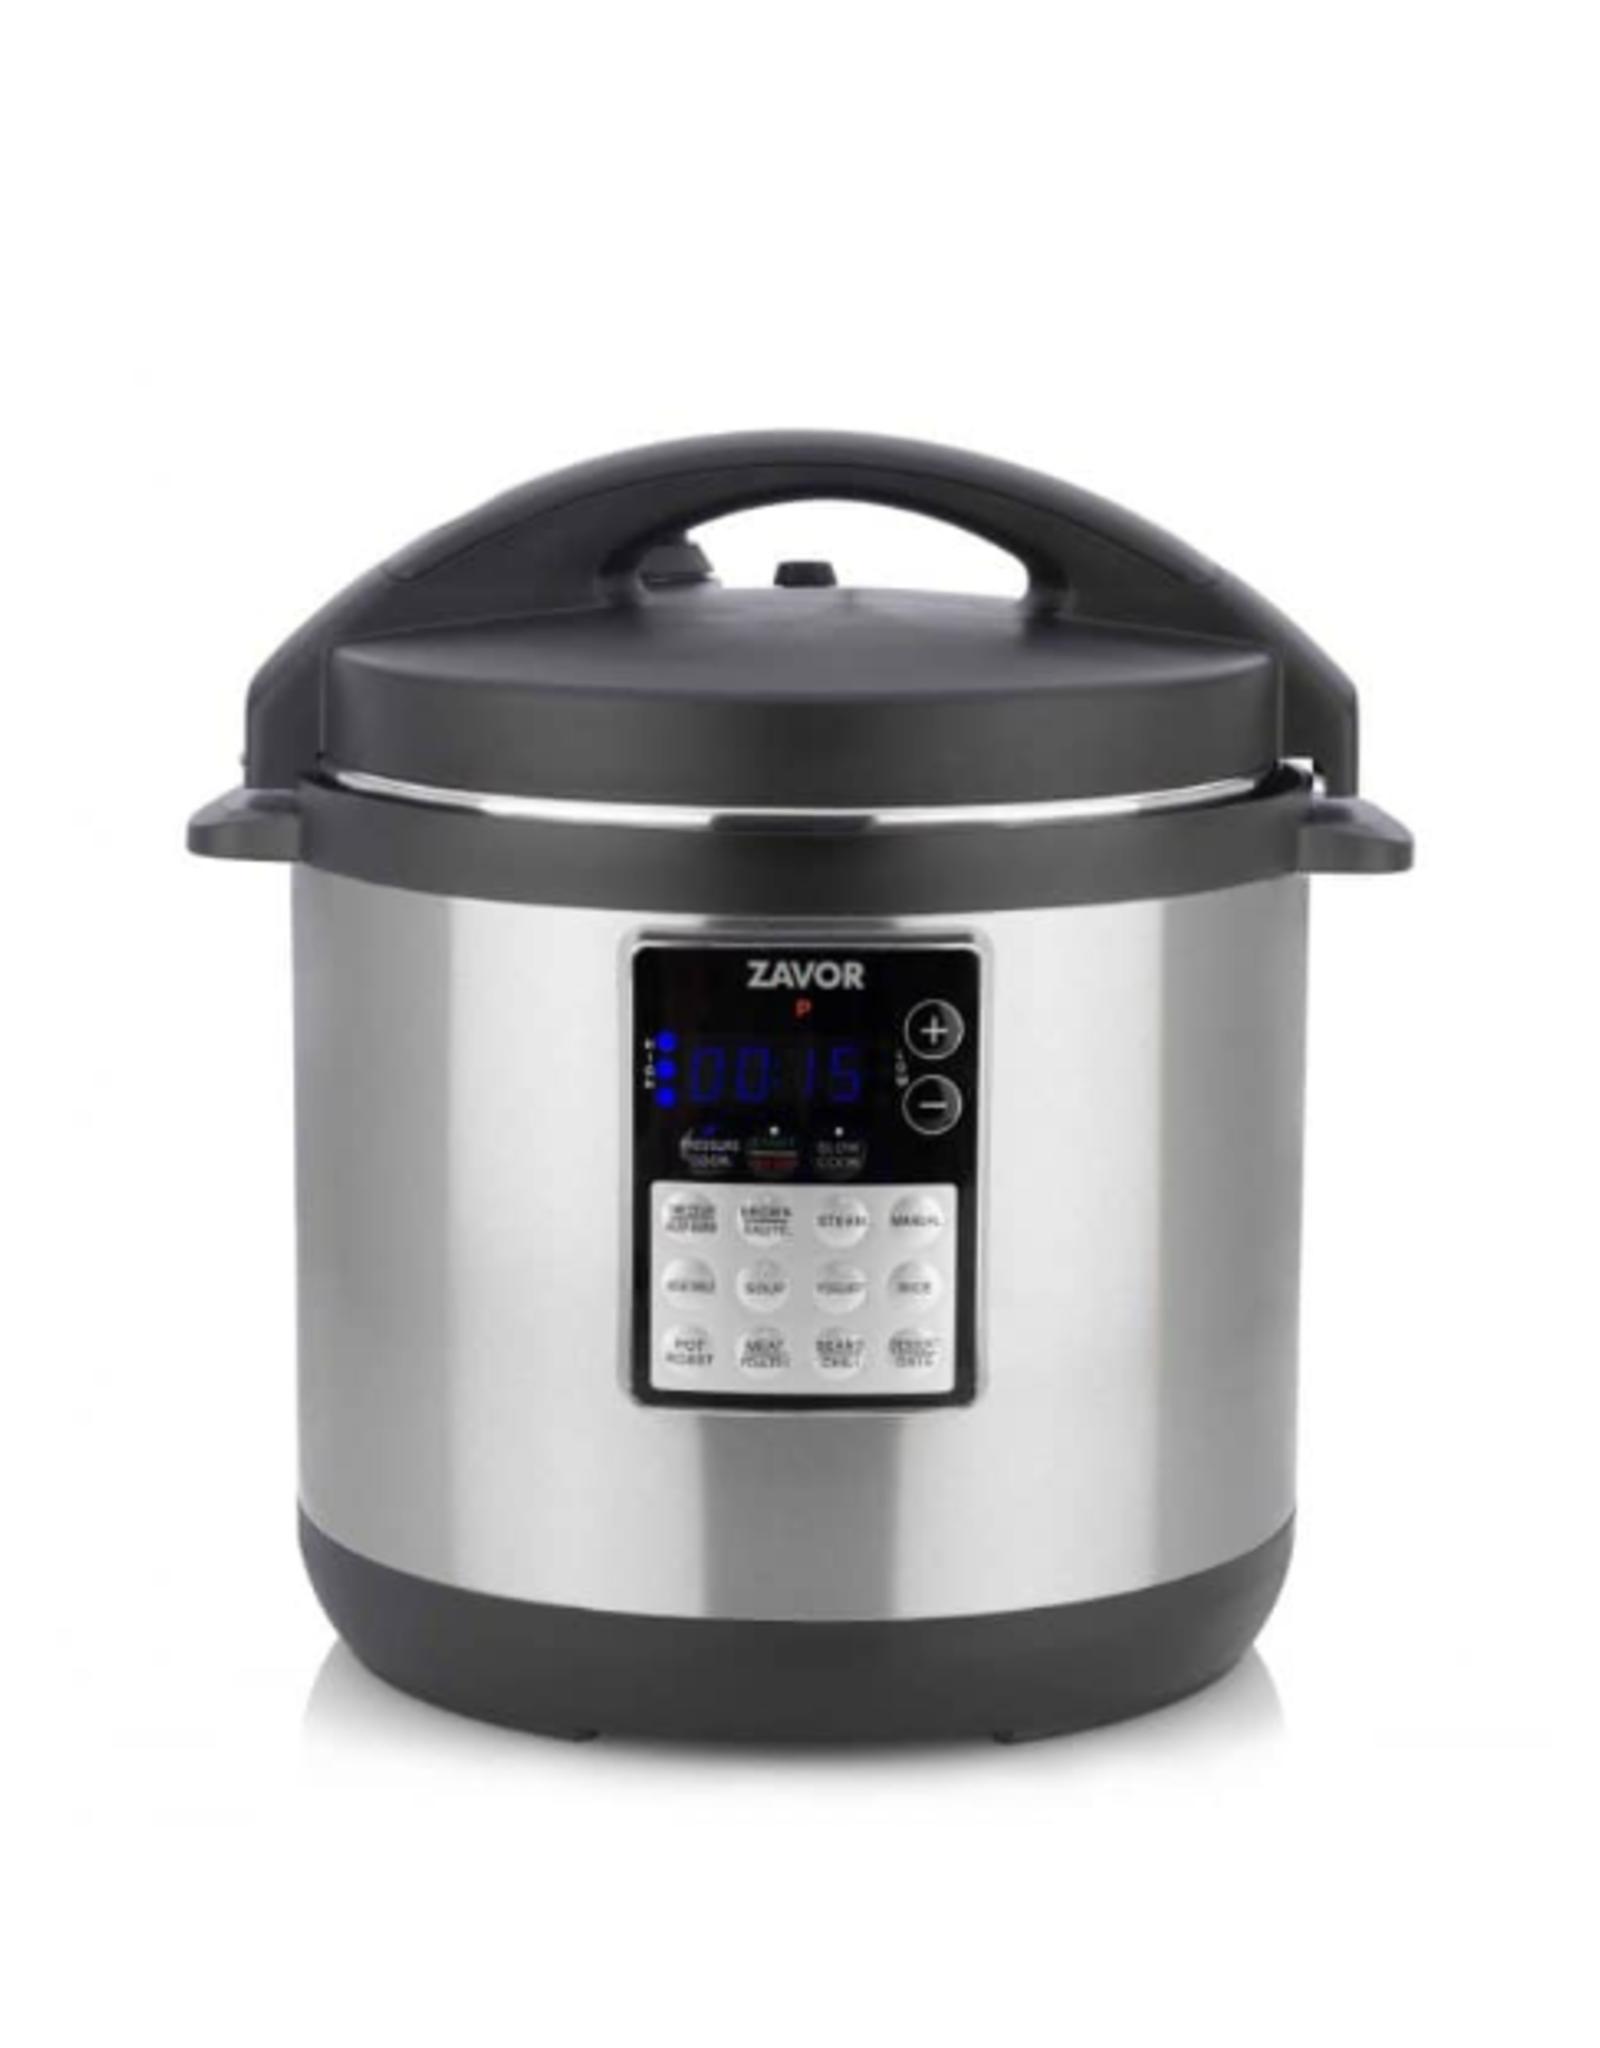 Zavor NEW LUX Edge 6qt. Electric Multi-Cooker